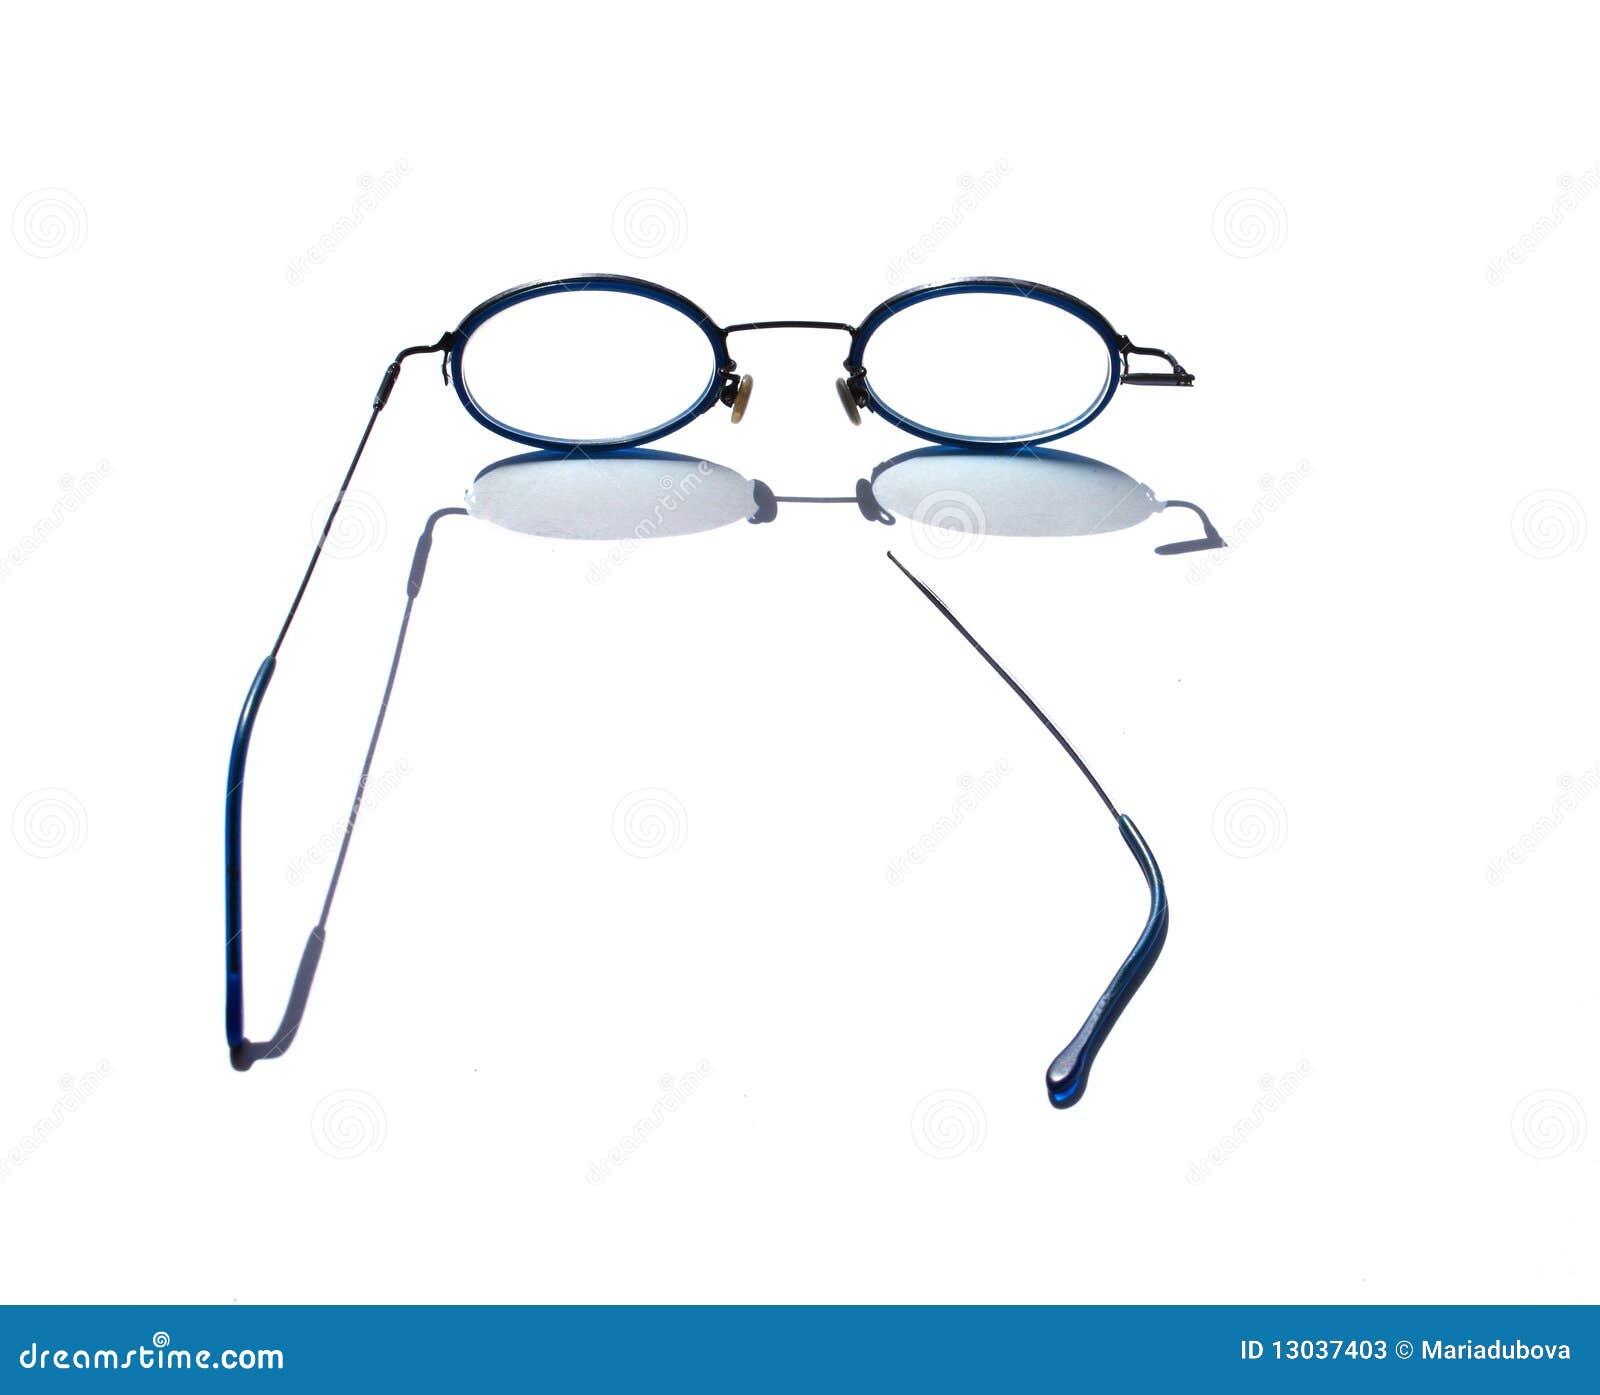 Broken Glasses Frame Dream : Broken Glasses Stock Photos - Image: 13037403